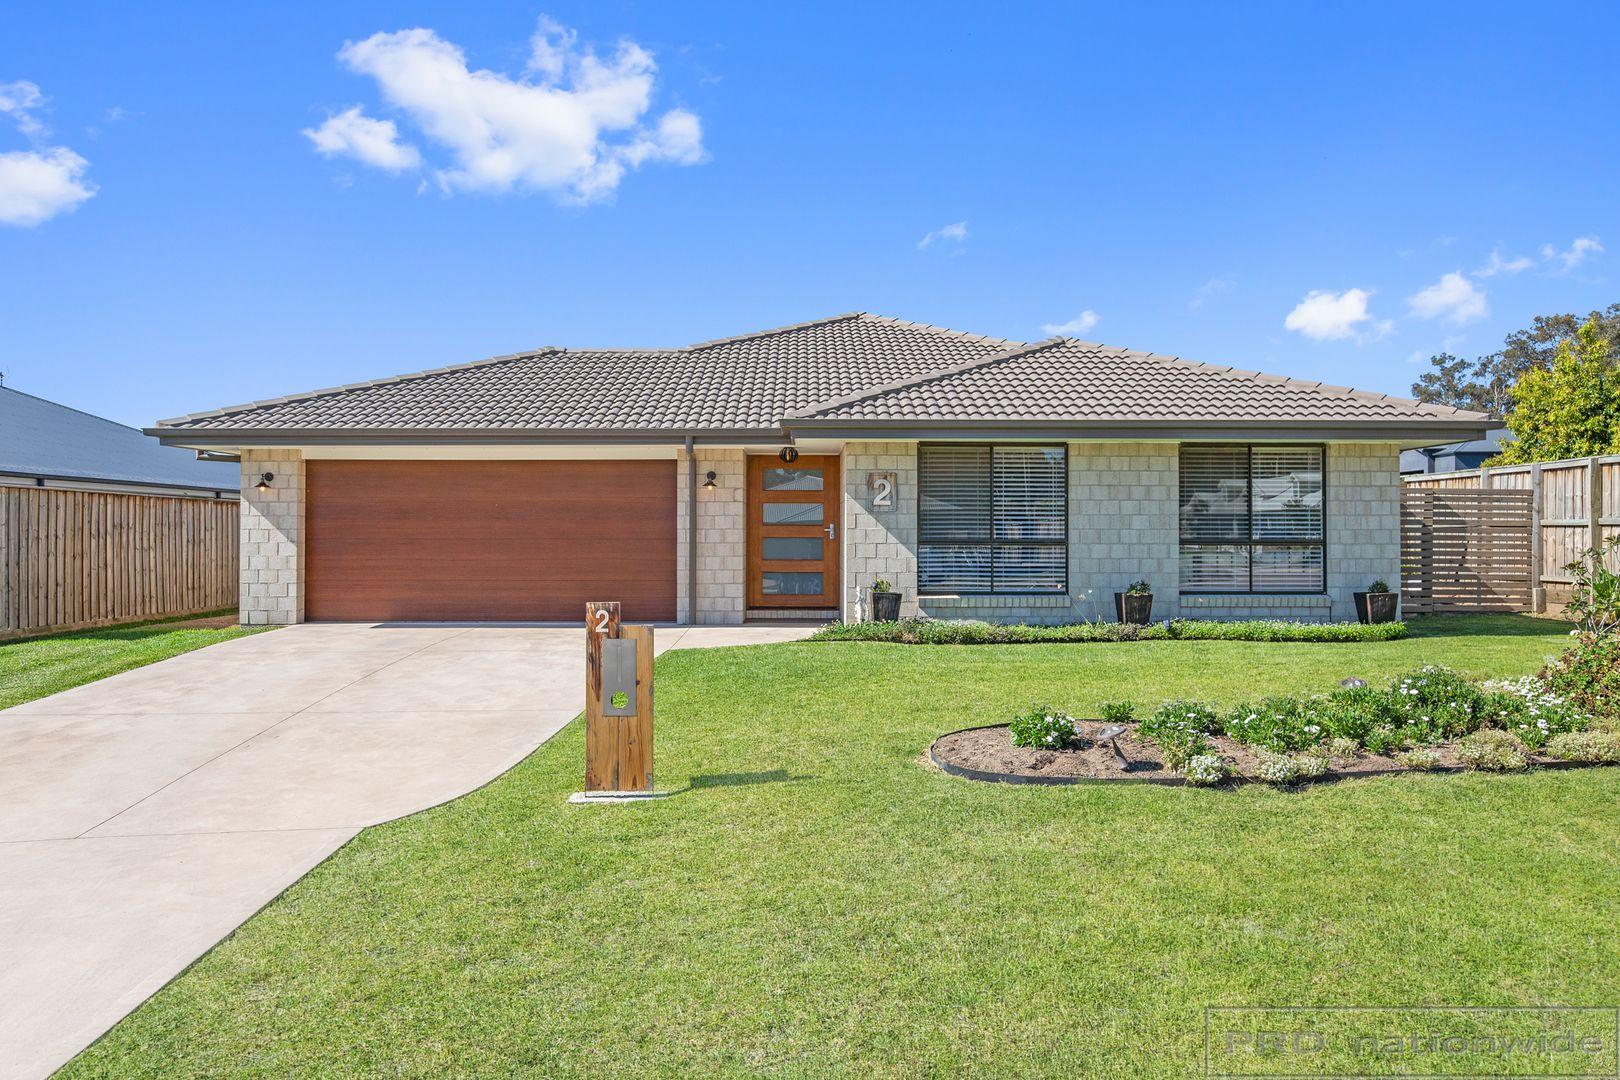 2 Birdwood Street, Chisholm NSW 2322, Image 0